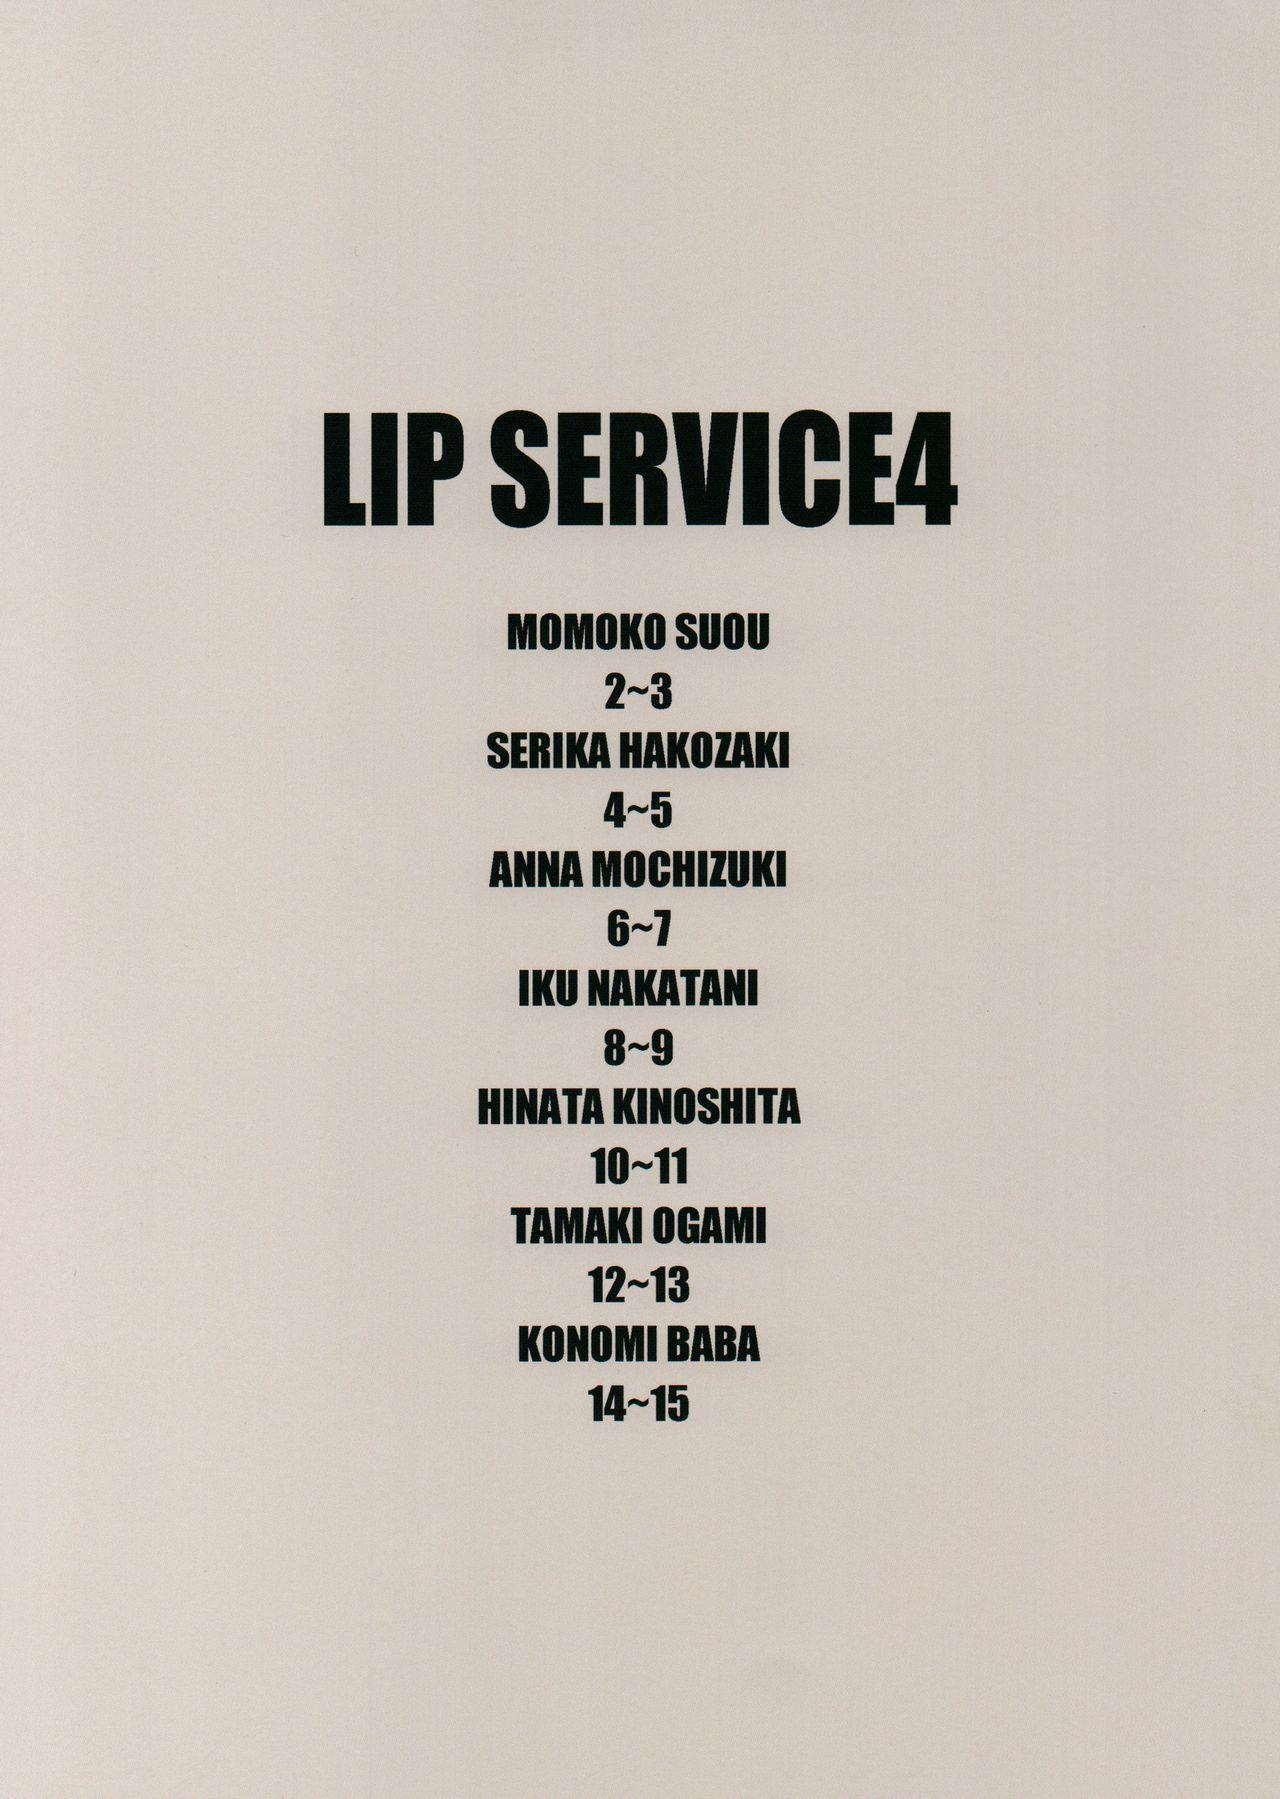 LIP SERVICE 4 1